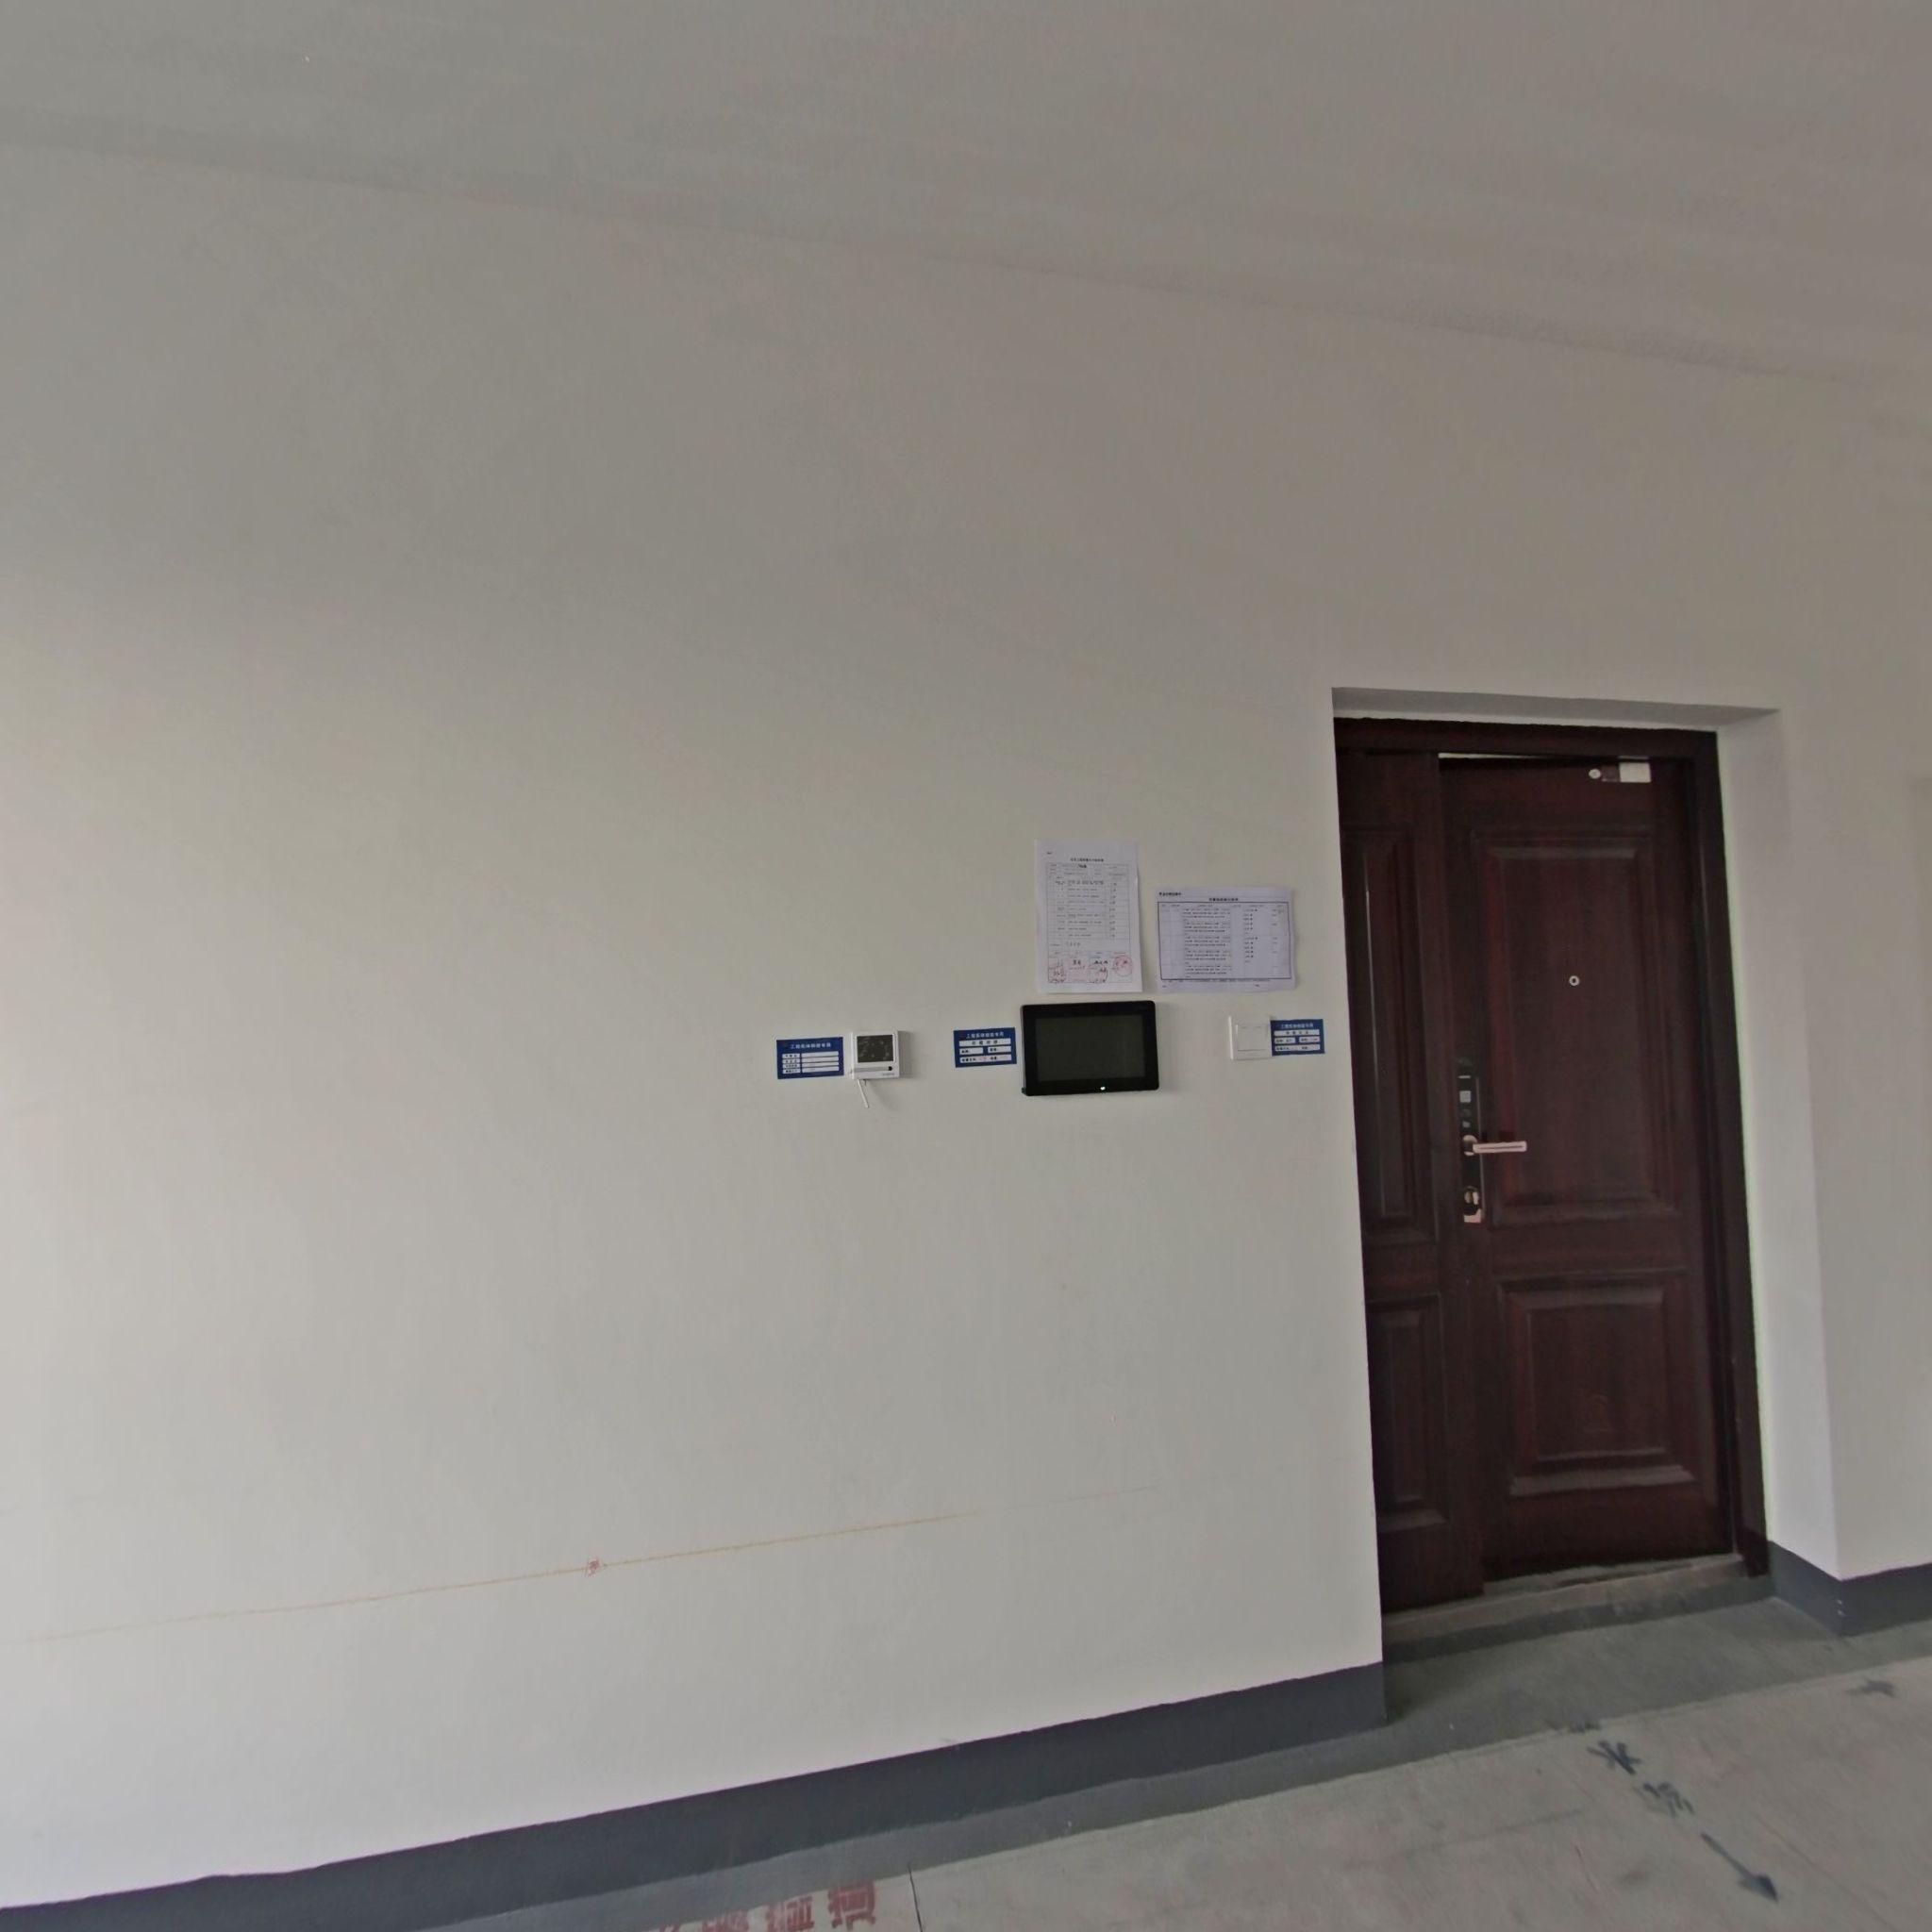 兴庆区,凤凰北街,公园华府,公园华府,3室2厅,140.87㎡